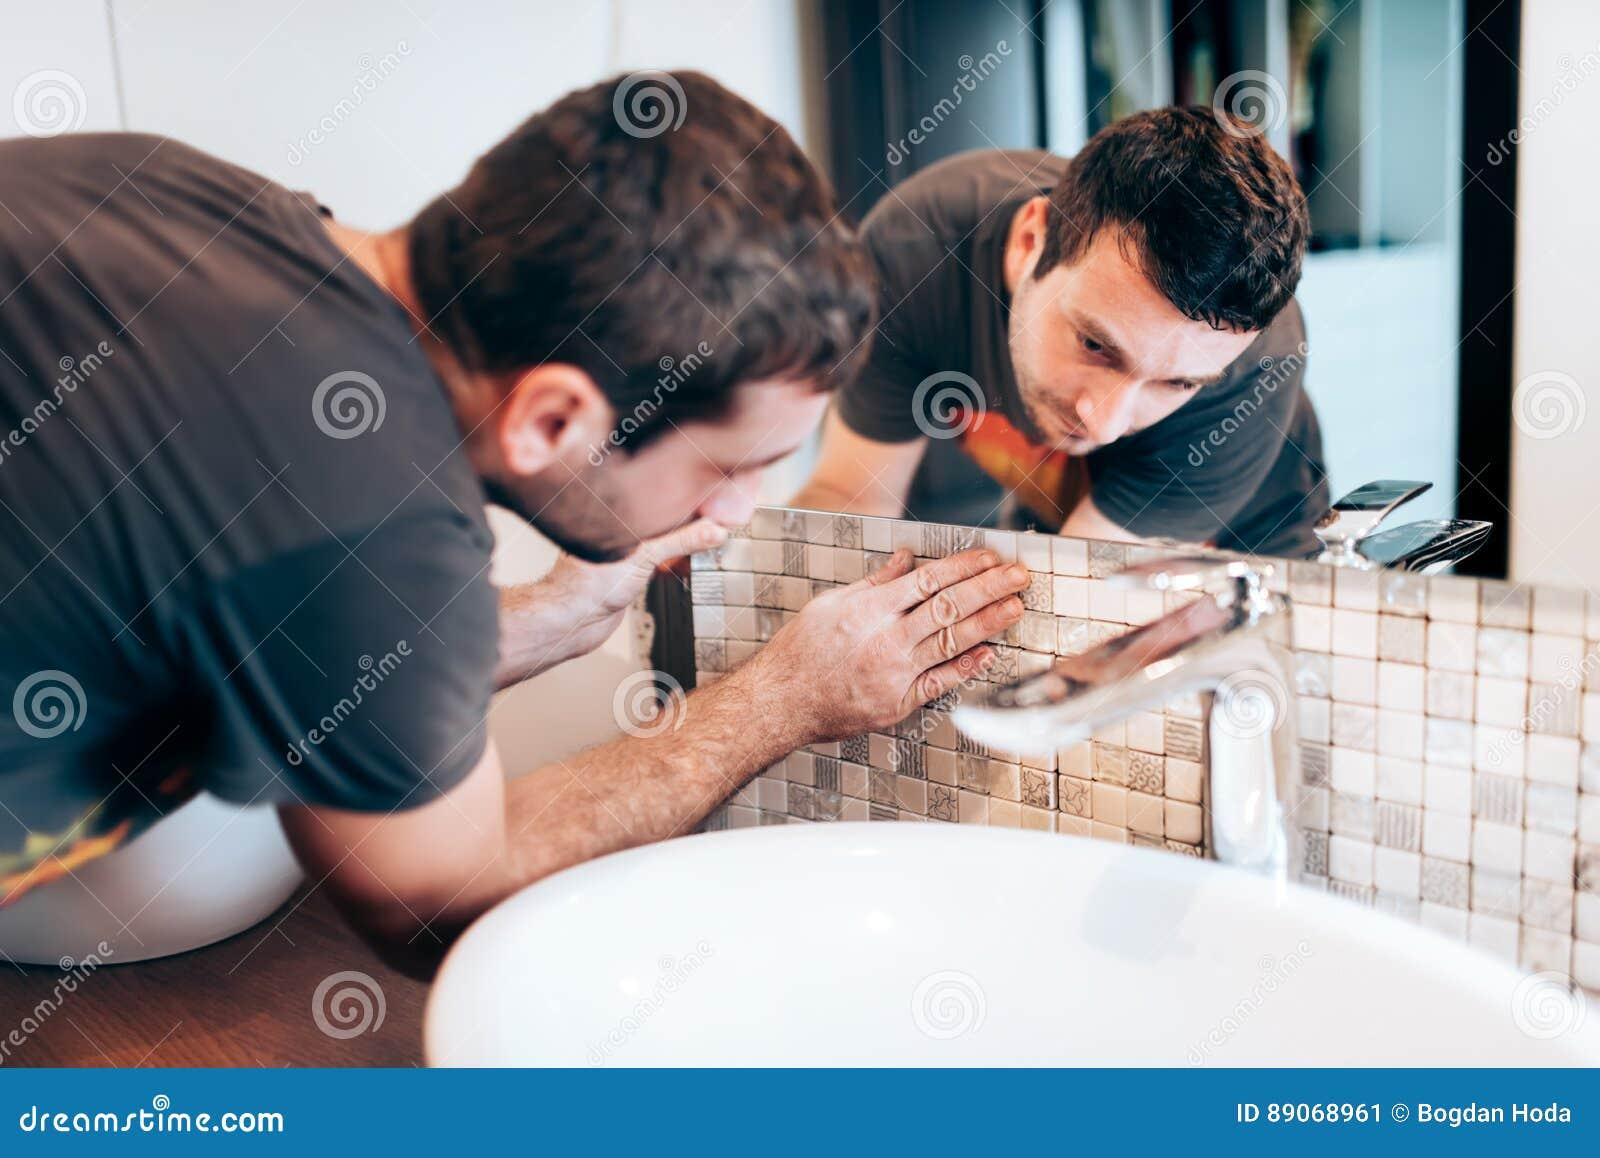 Vernieuwingsdetails Bouwdetails met manusje van alles of arbeider die mozaïekkeramische tegels op badkamersmuren toevoegen